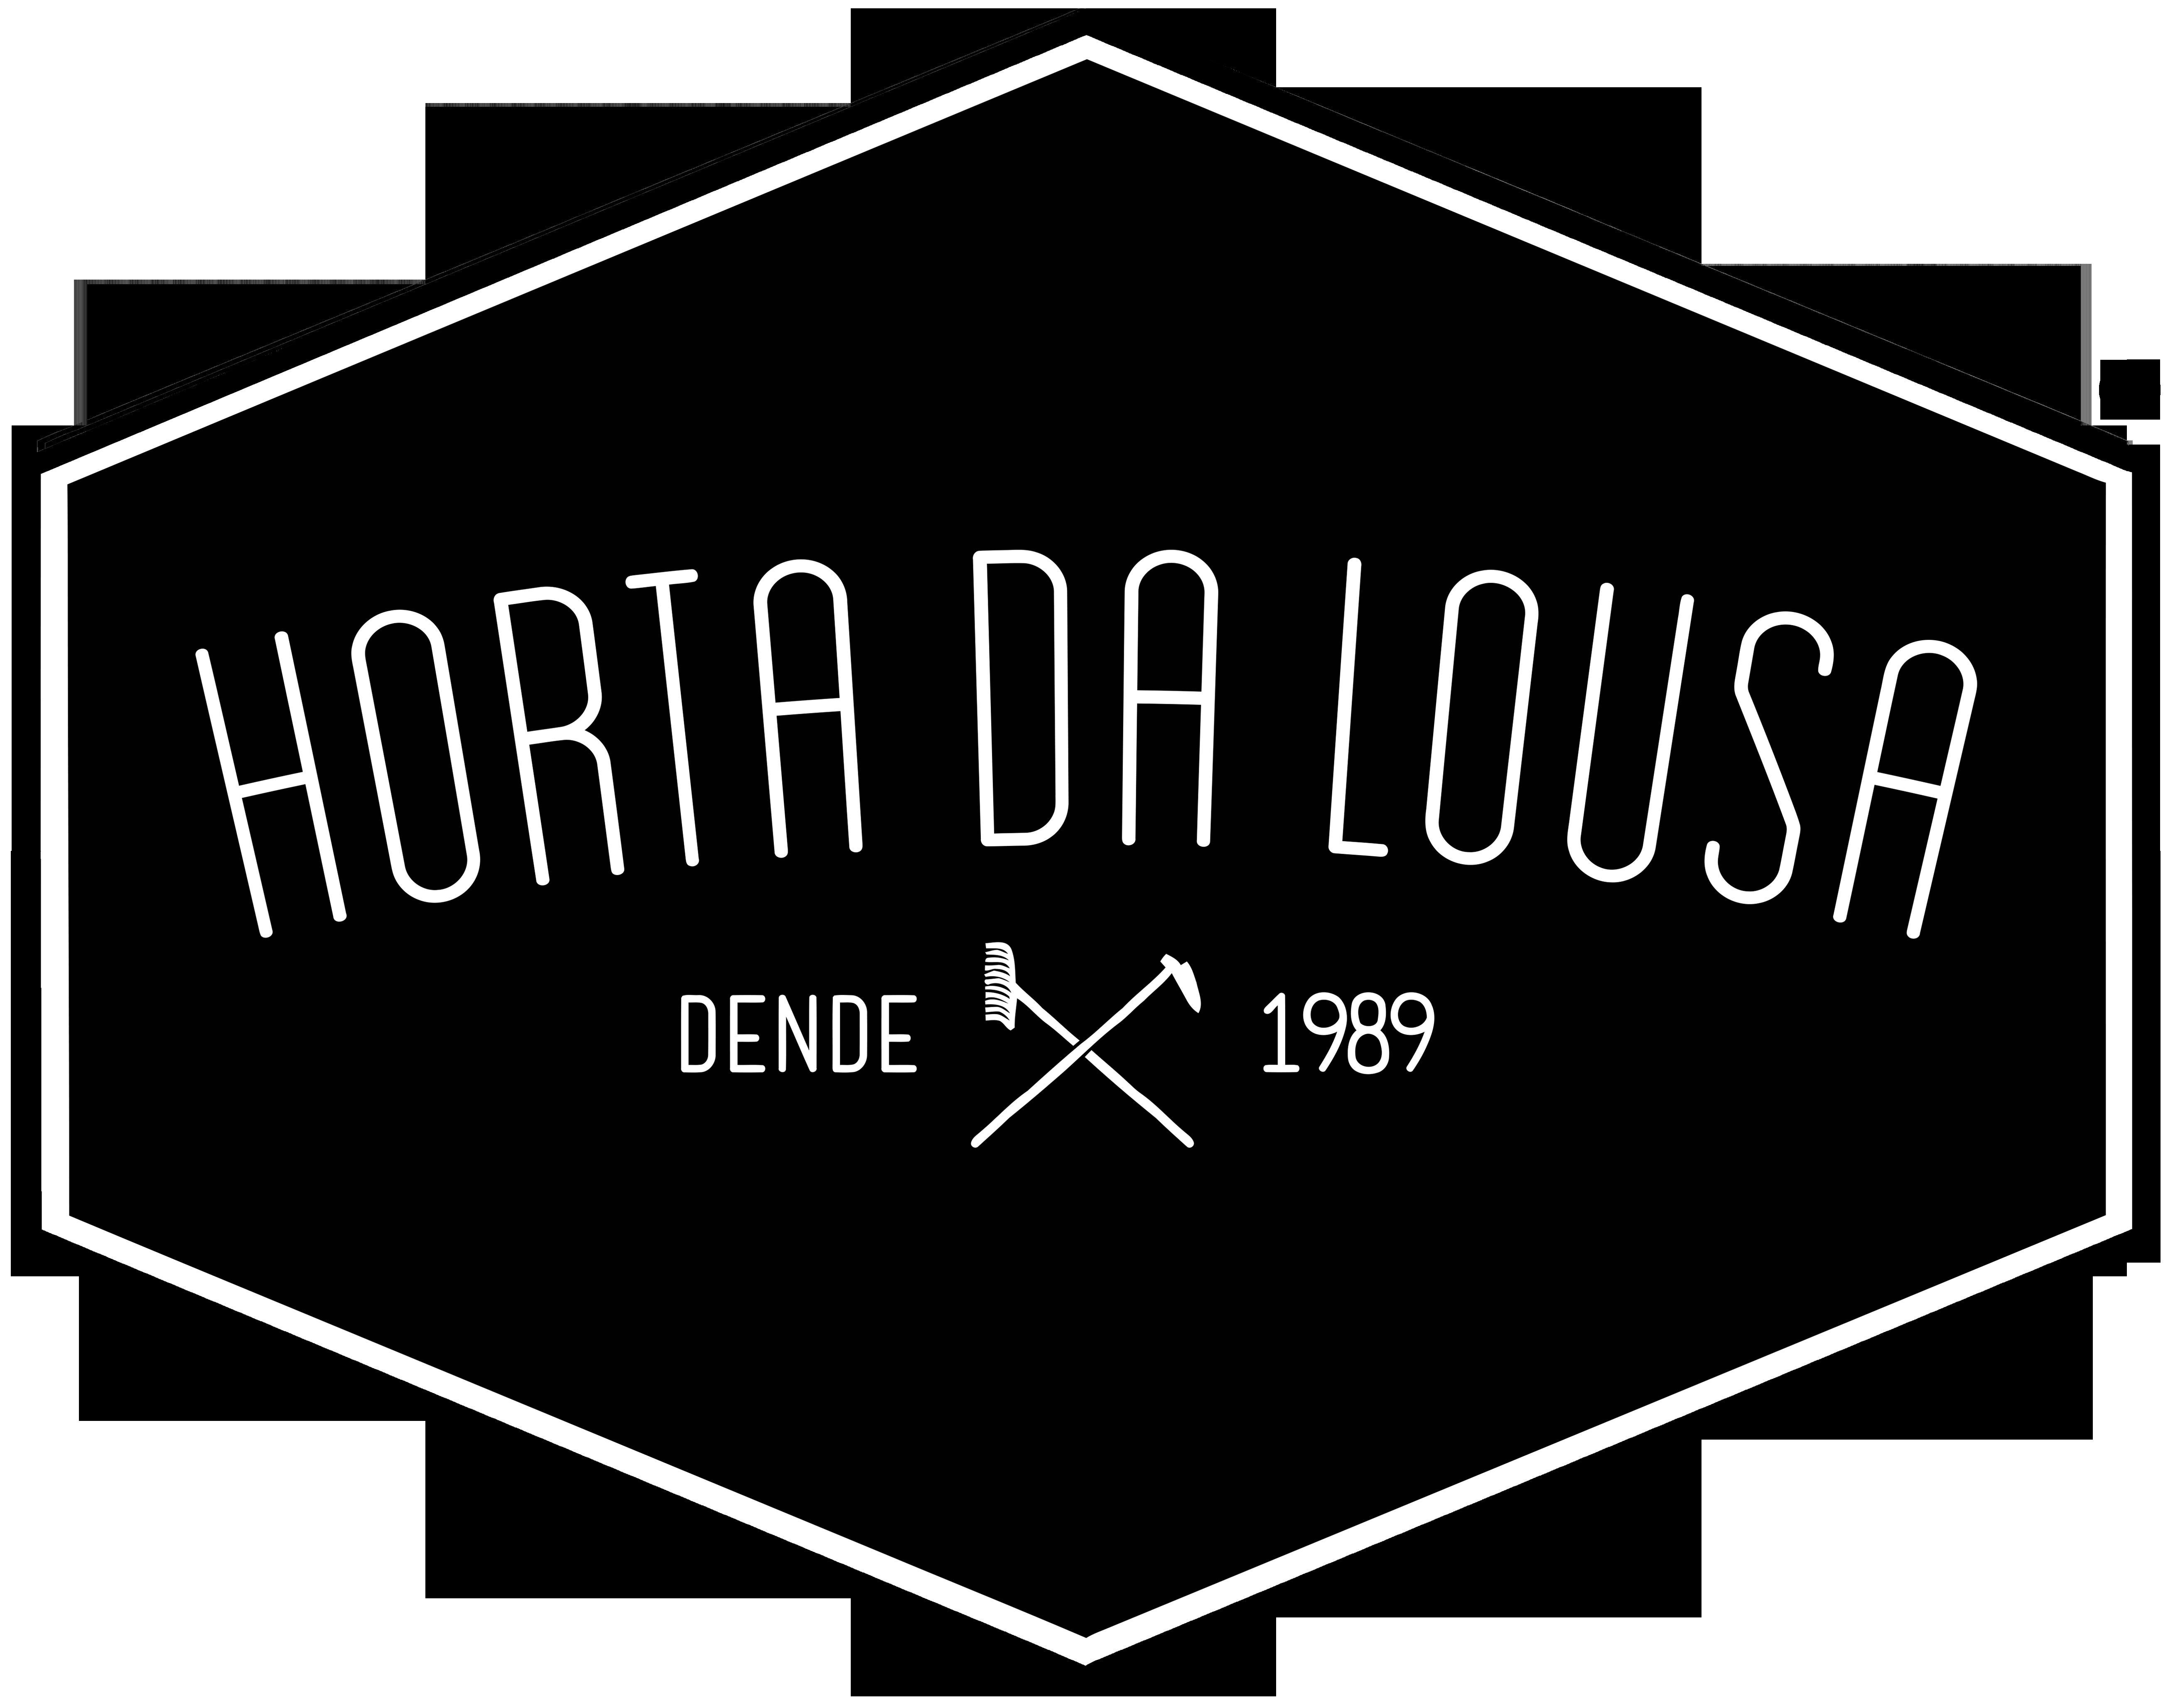 Horta da Lousa, S.C.